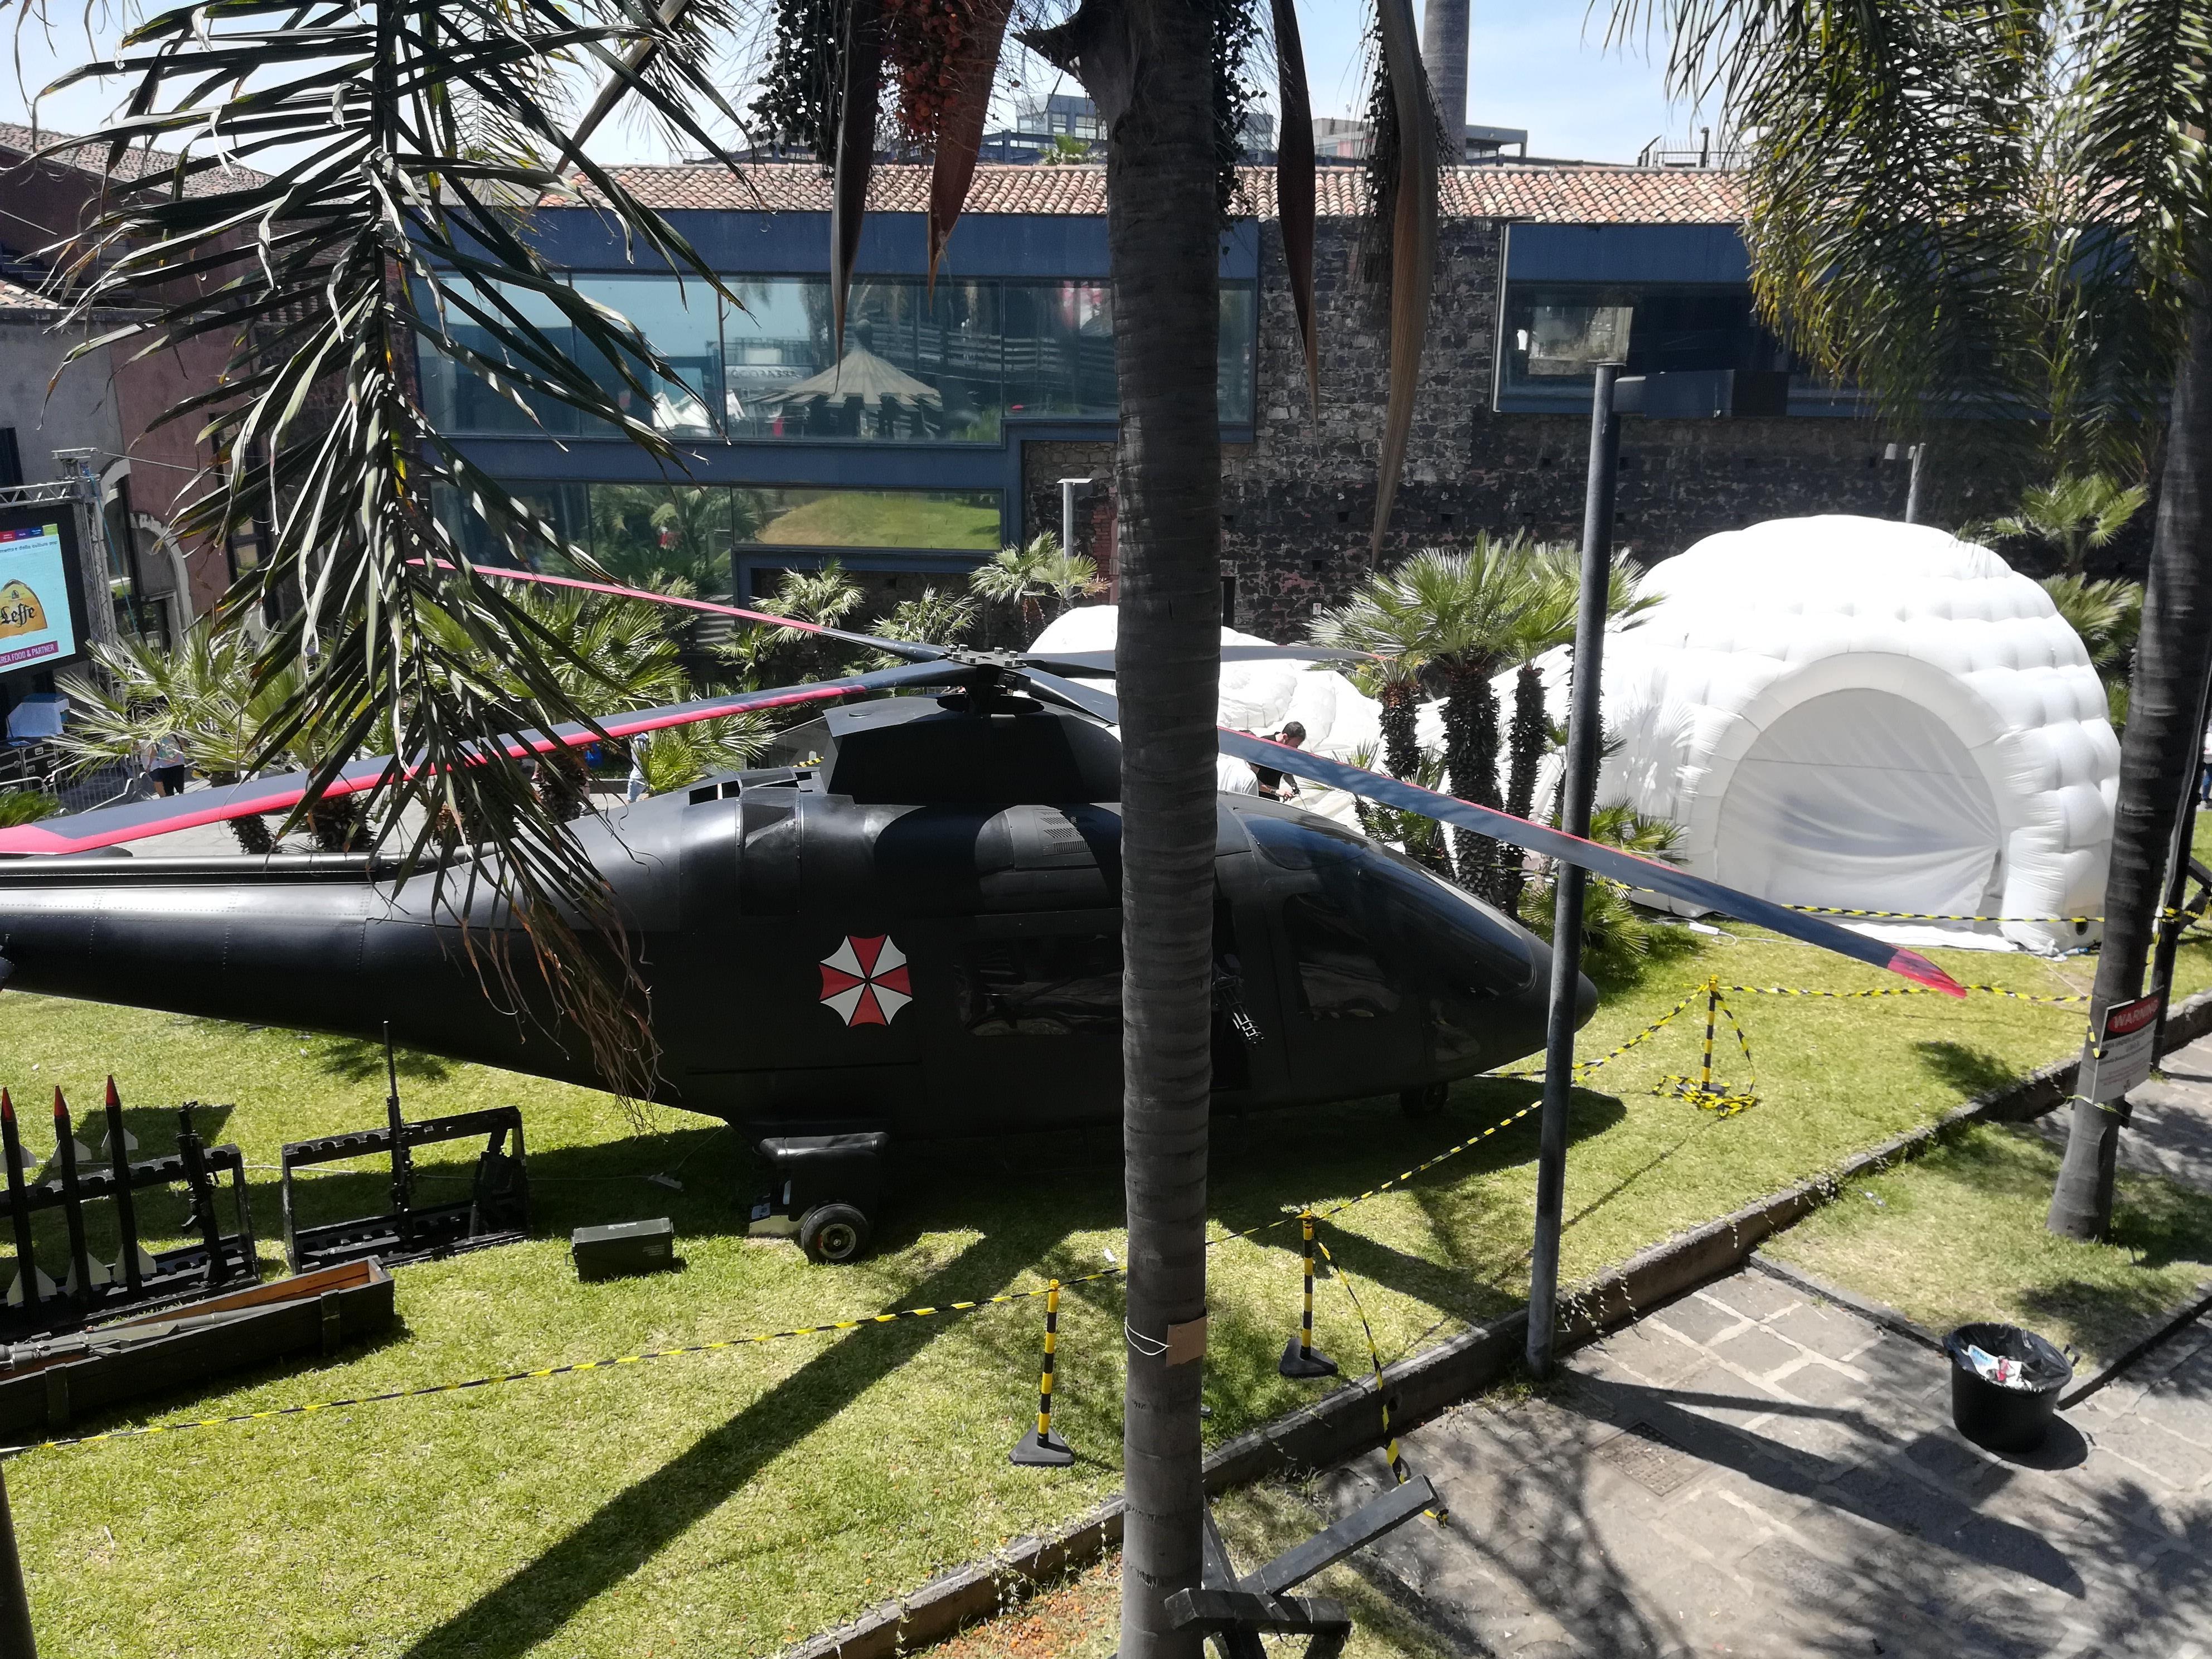 La foto dell'elicottero